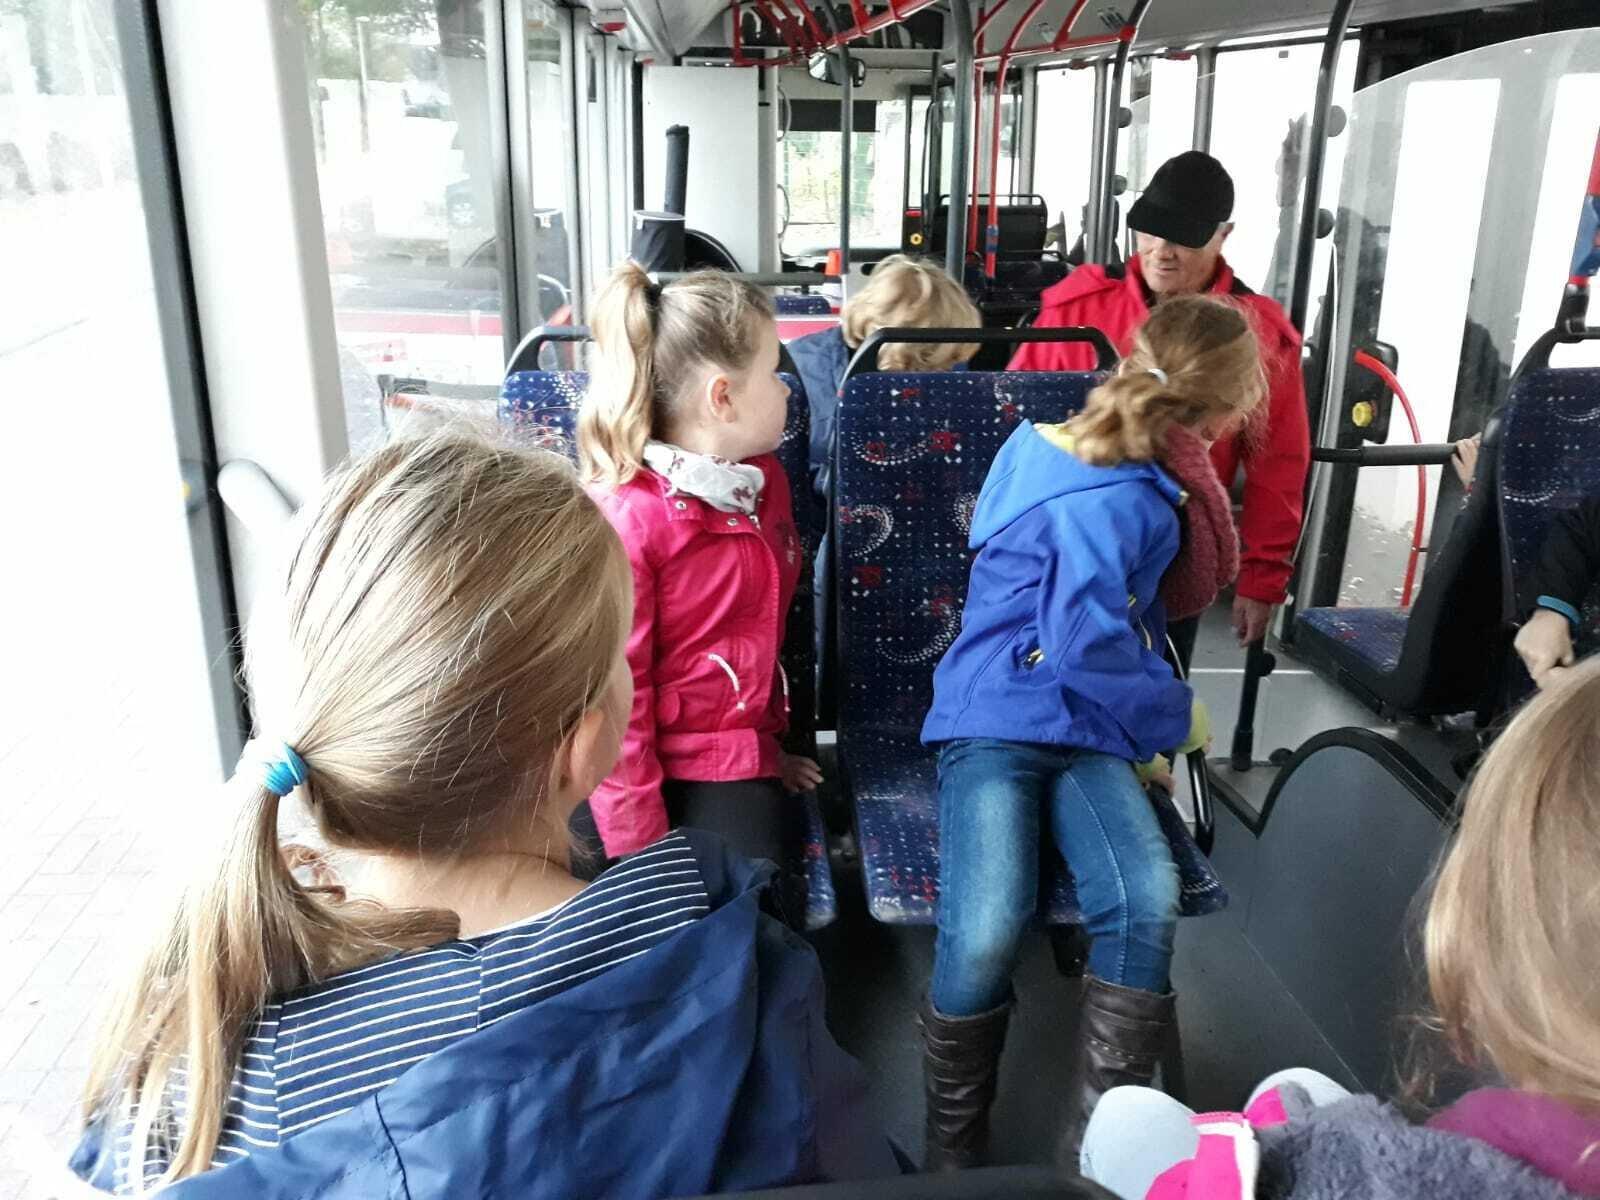 Busregeln